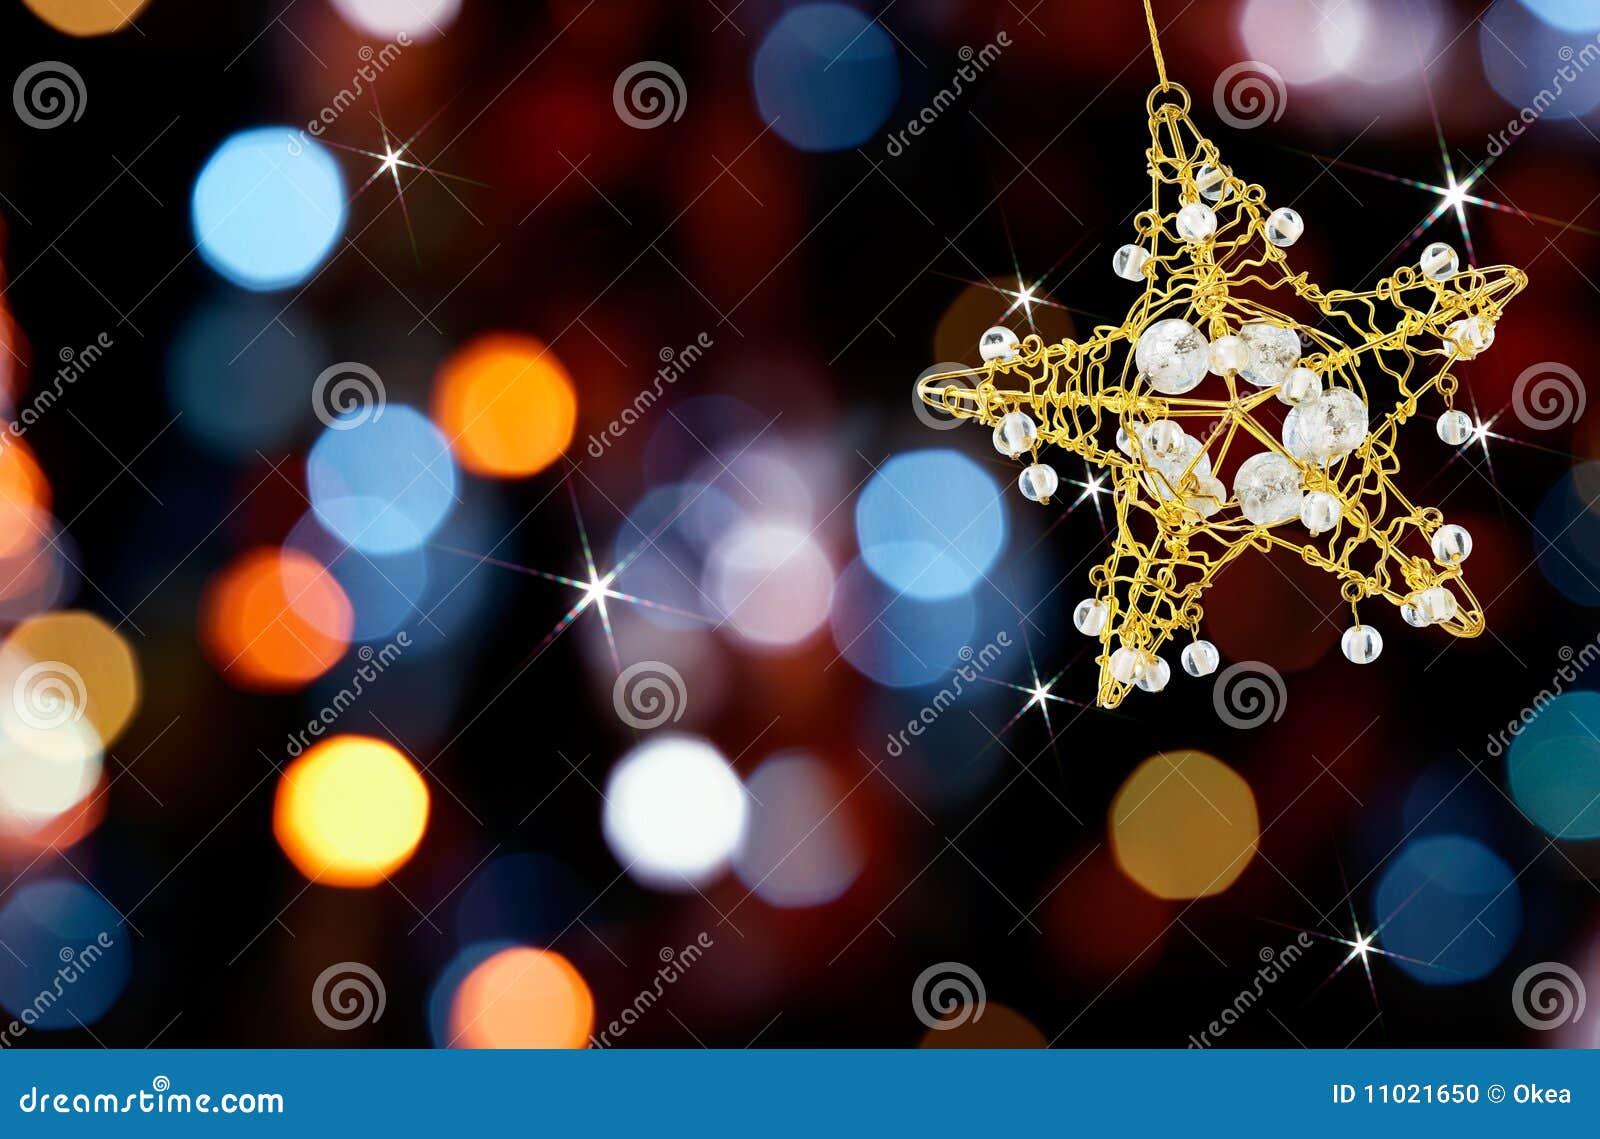 Christmas star with lights